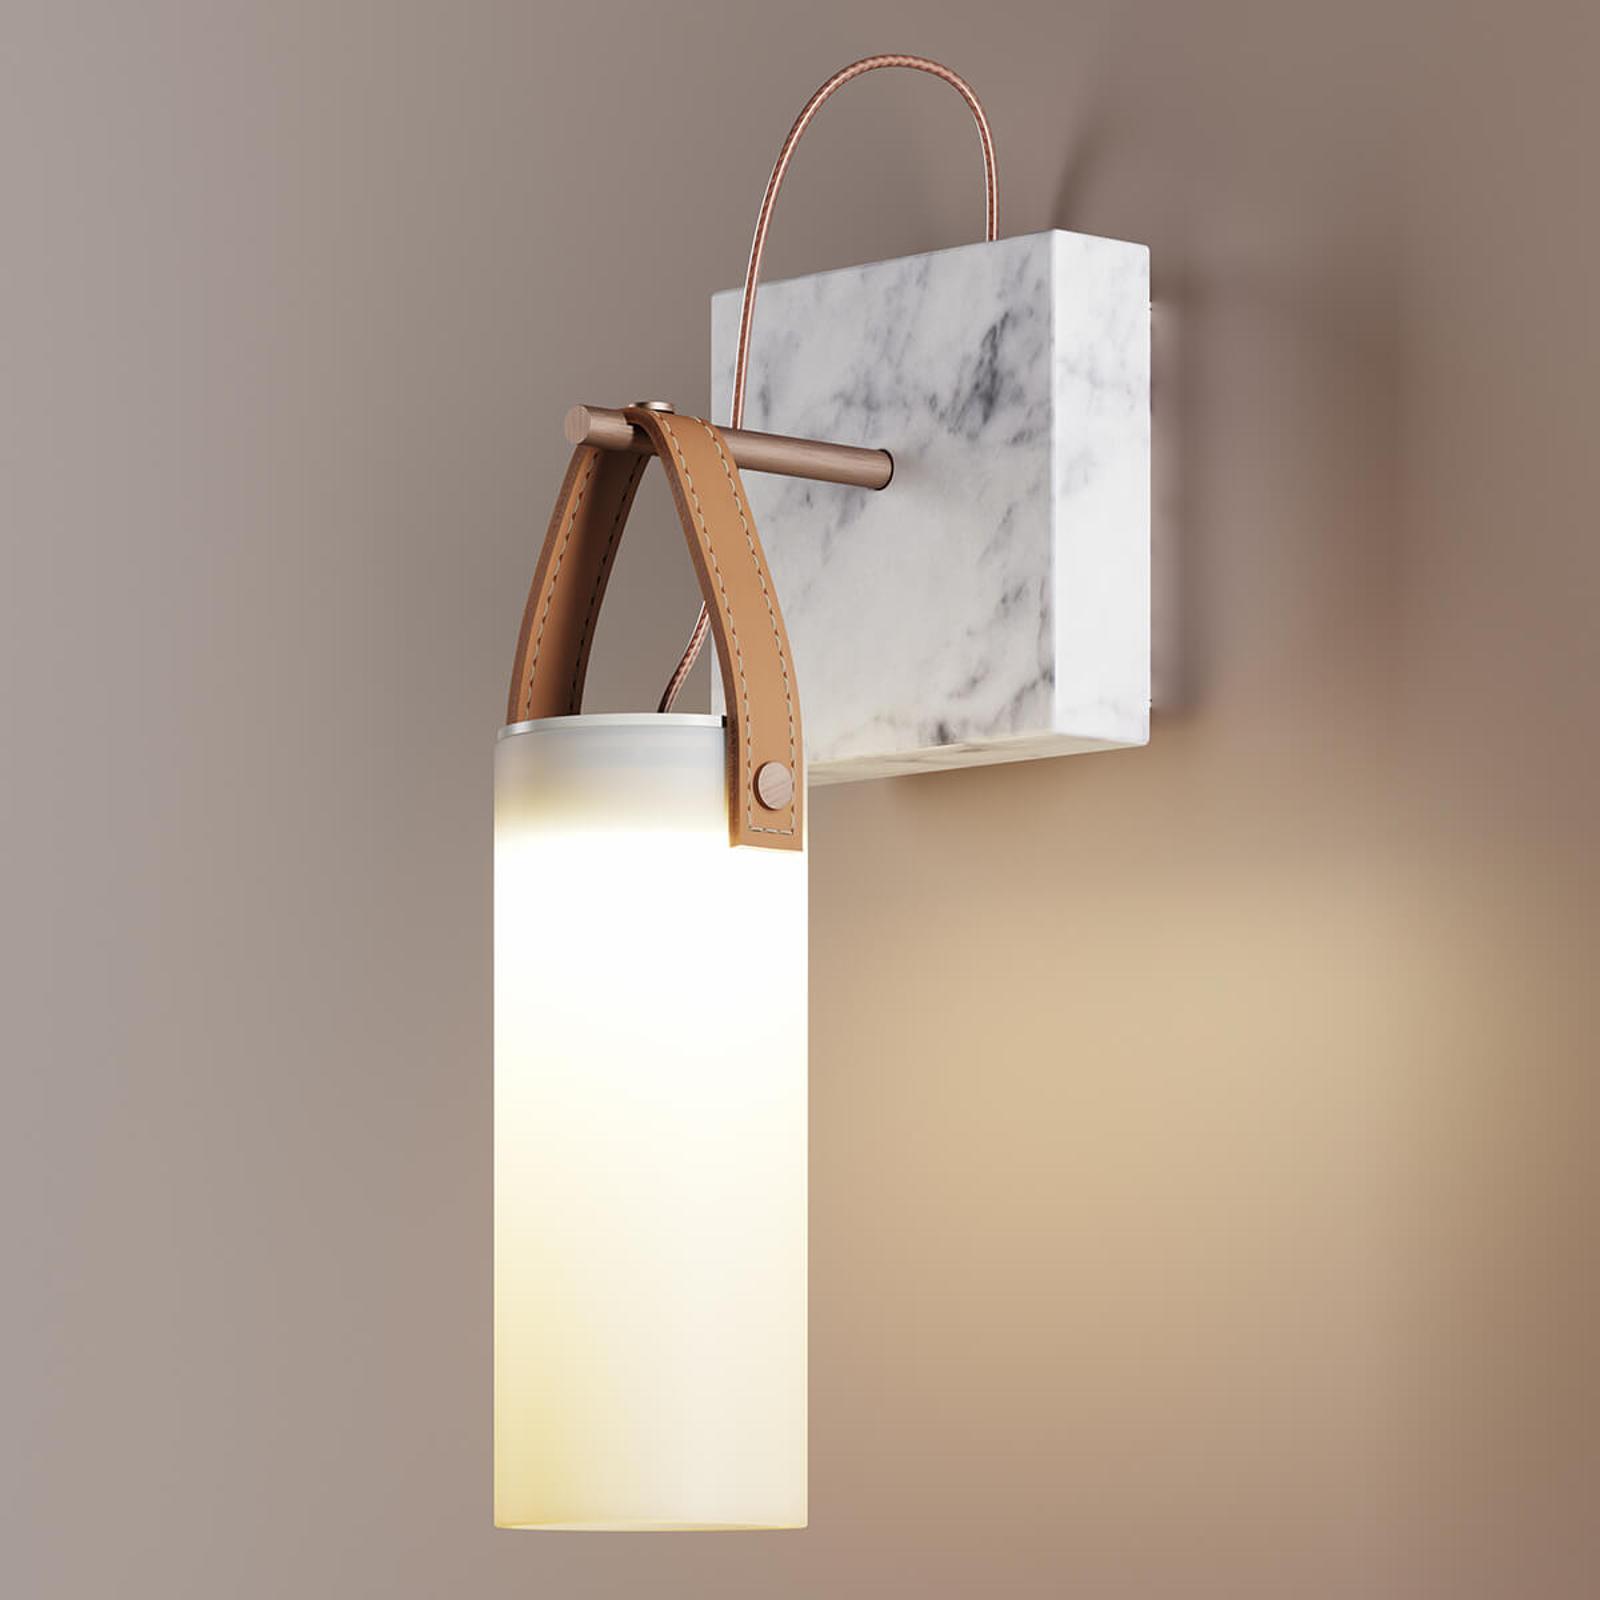 Applique LED di design Galerie